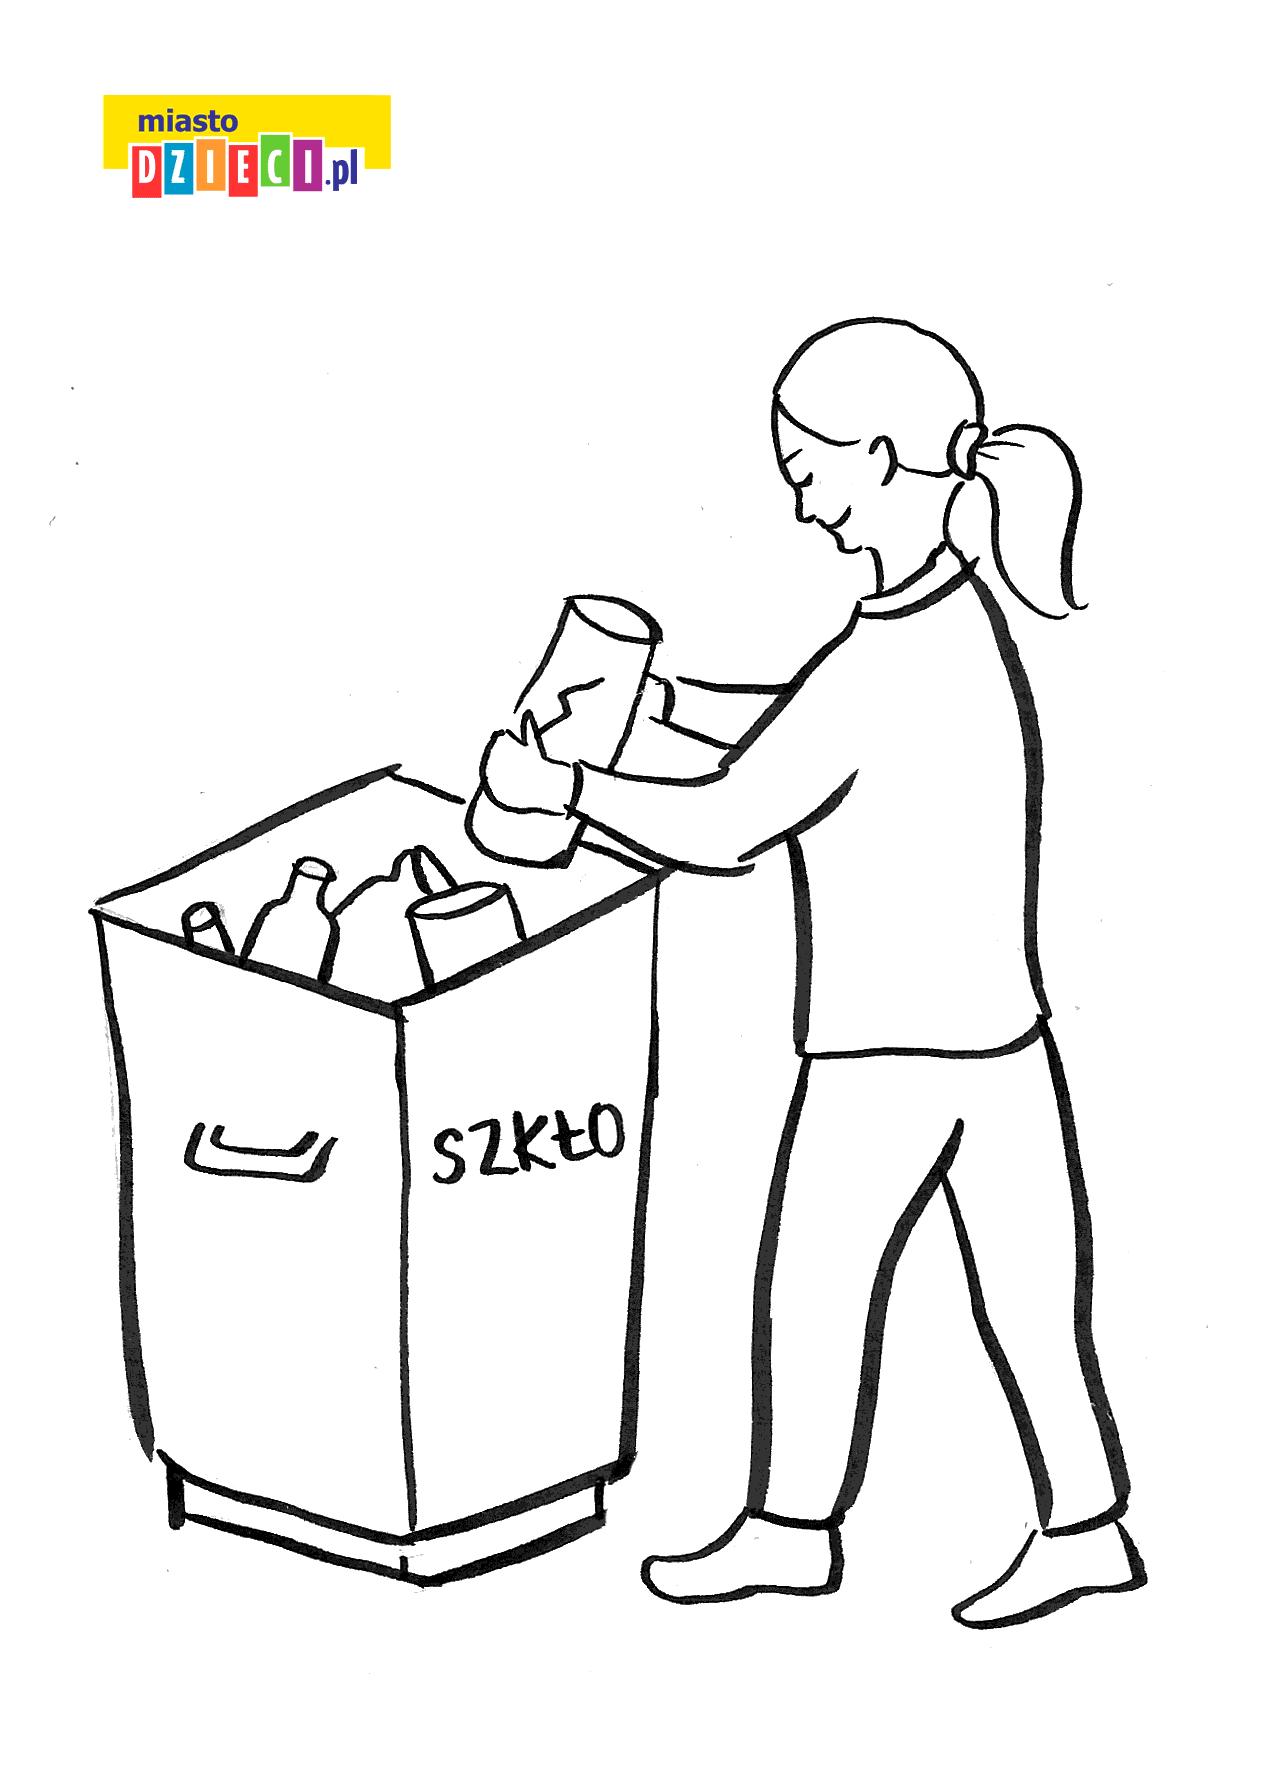 wyrzucamy śmieci - kolorowanka do druku dla dzieci MiastoDzieci.pl